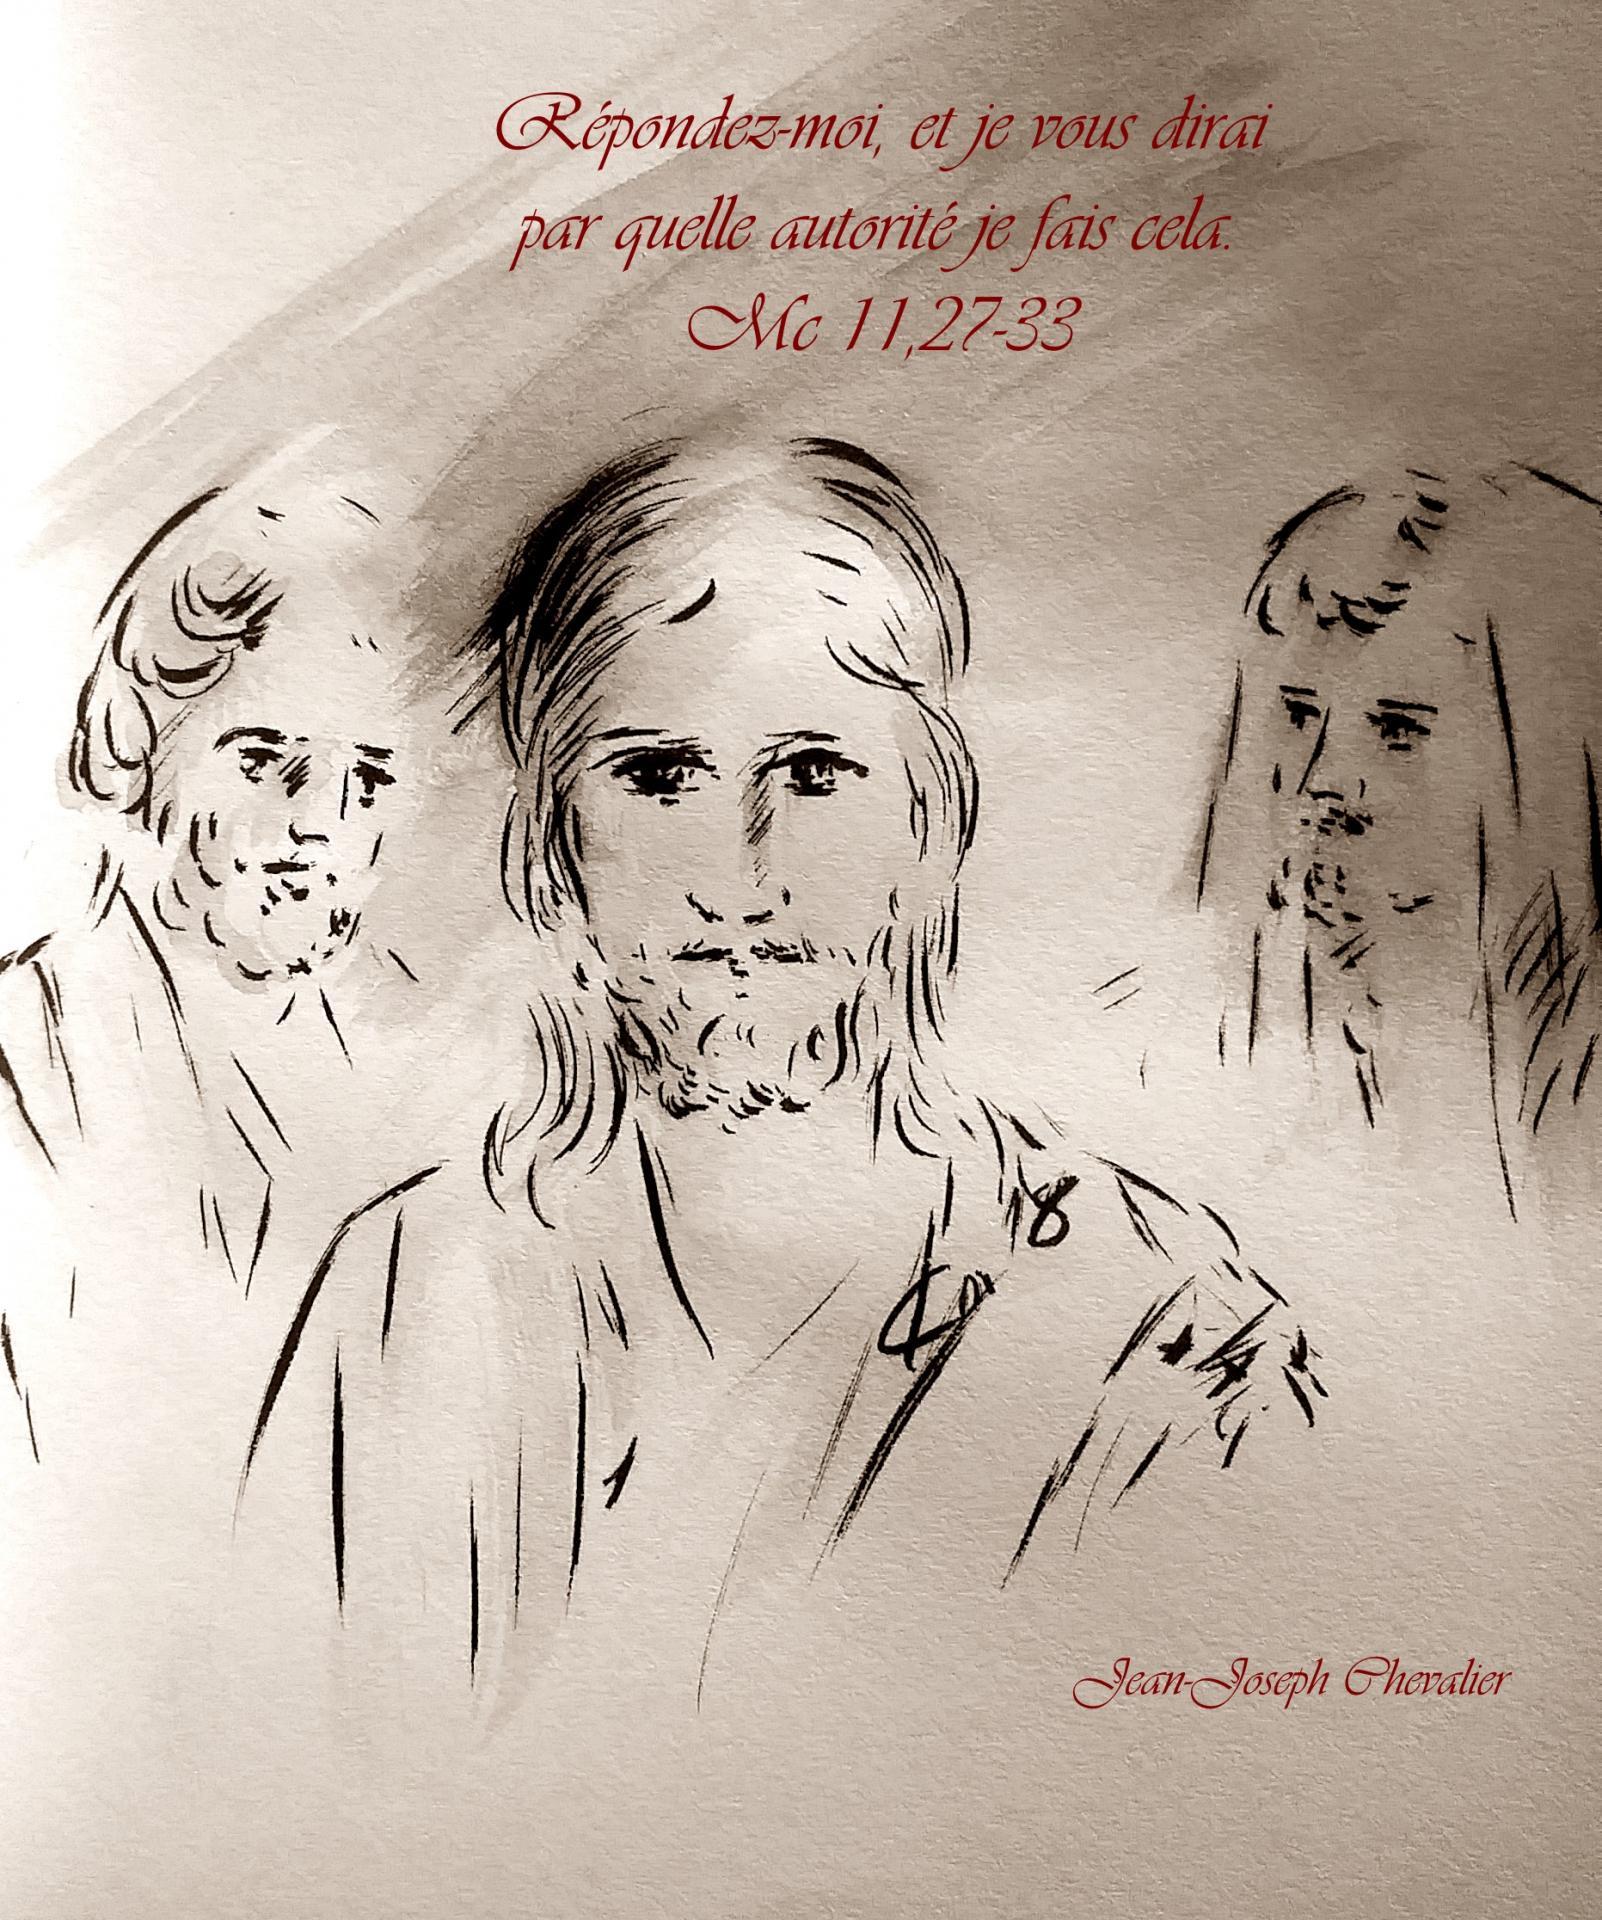 2  Juin 2018, évangile du jour illustré par un dessin au lavis